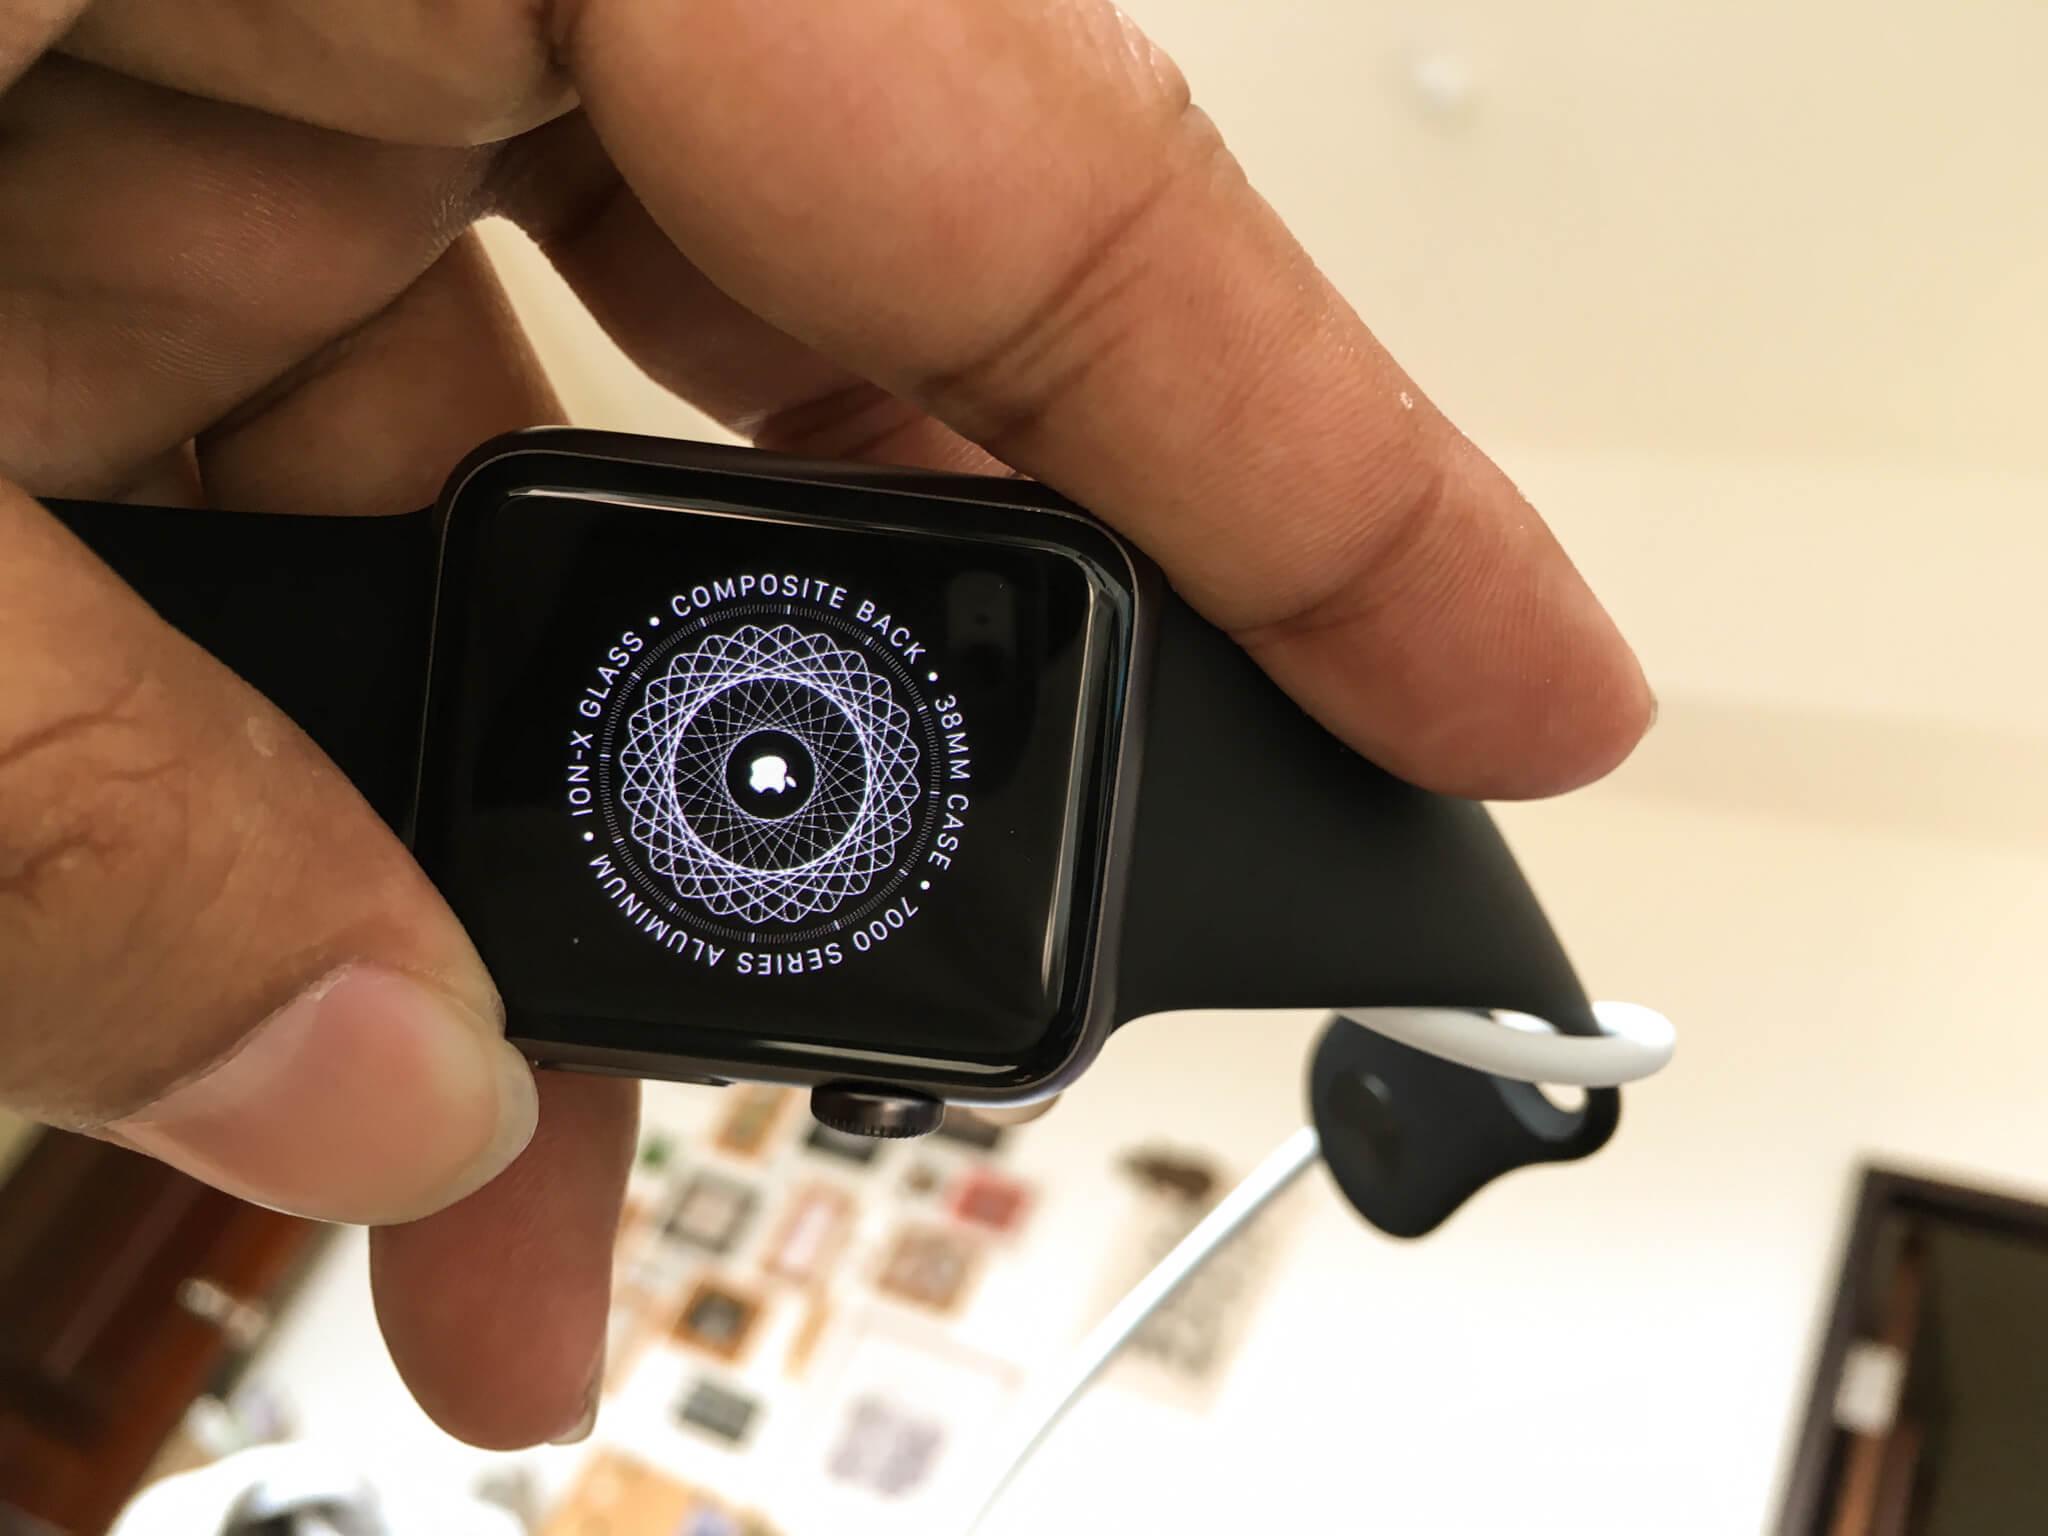 開啟中的 Apple Watch 預設的特殊圖騰